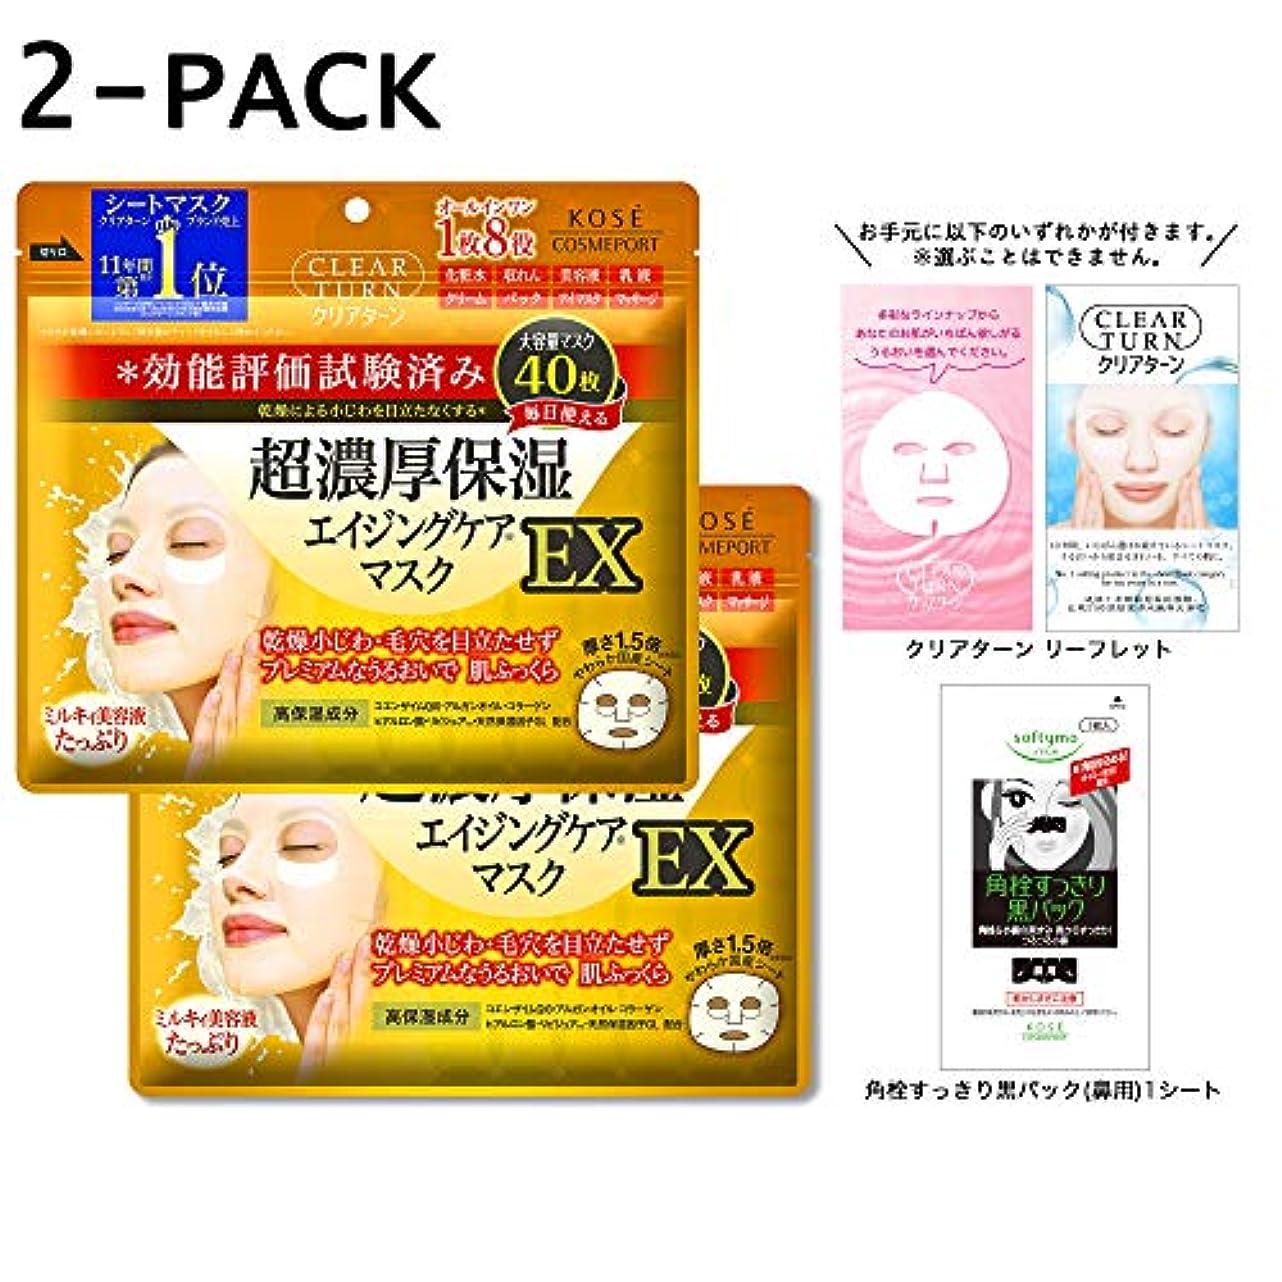 お気に入りリーフレット解く【Amazon.co.jp限定】KOSE クリアターン 超濃厚保湿マスク EX(40枚入) 2P+リーフレット フェイスマスク